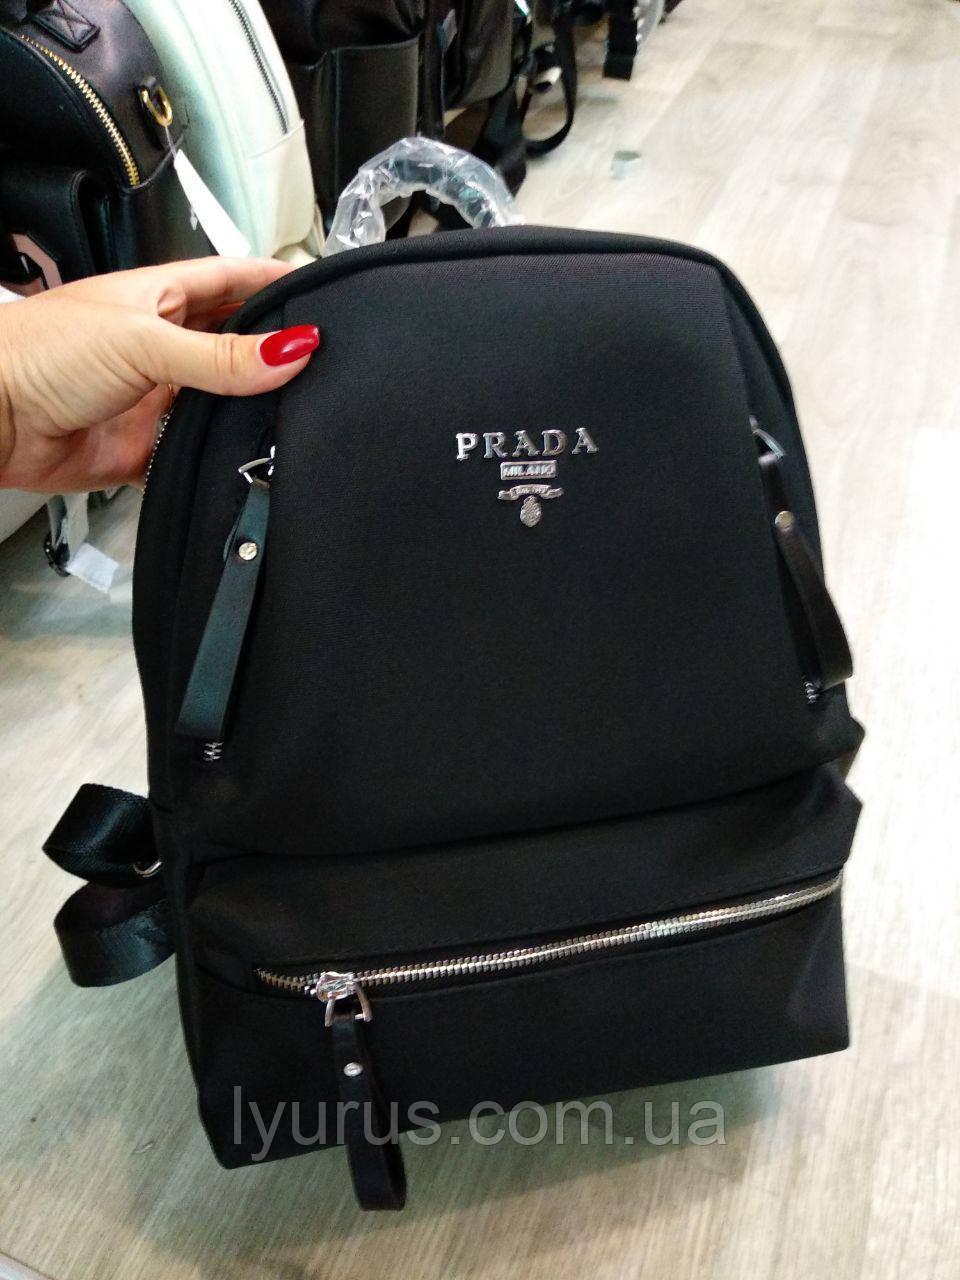 Рюкзак женский повседневный  Prada черного цвета